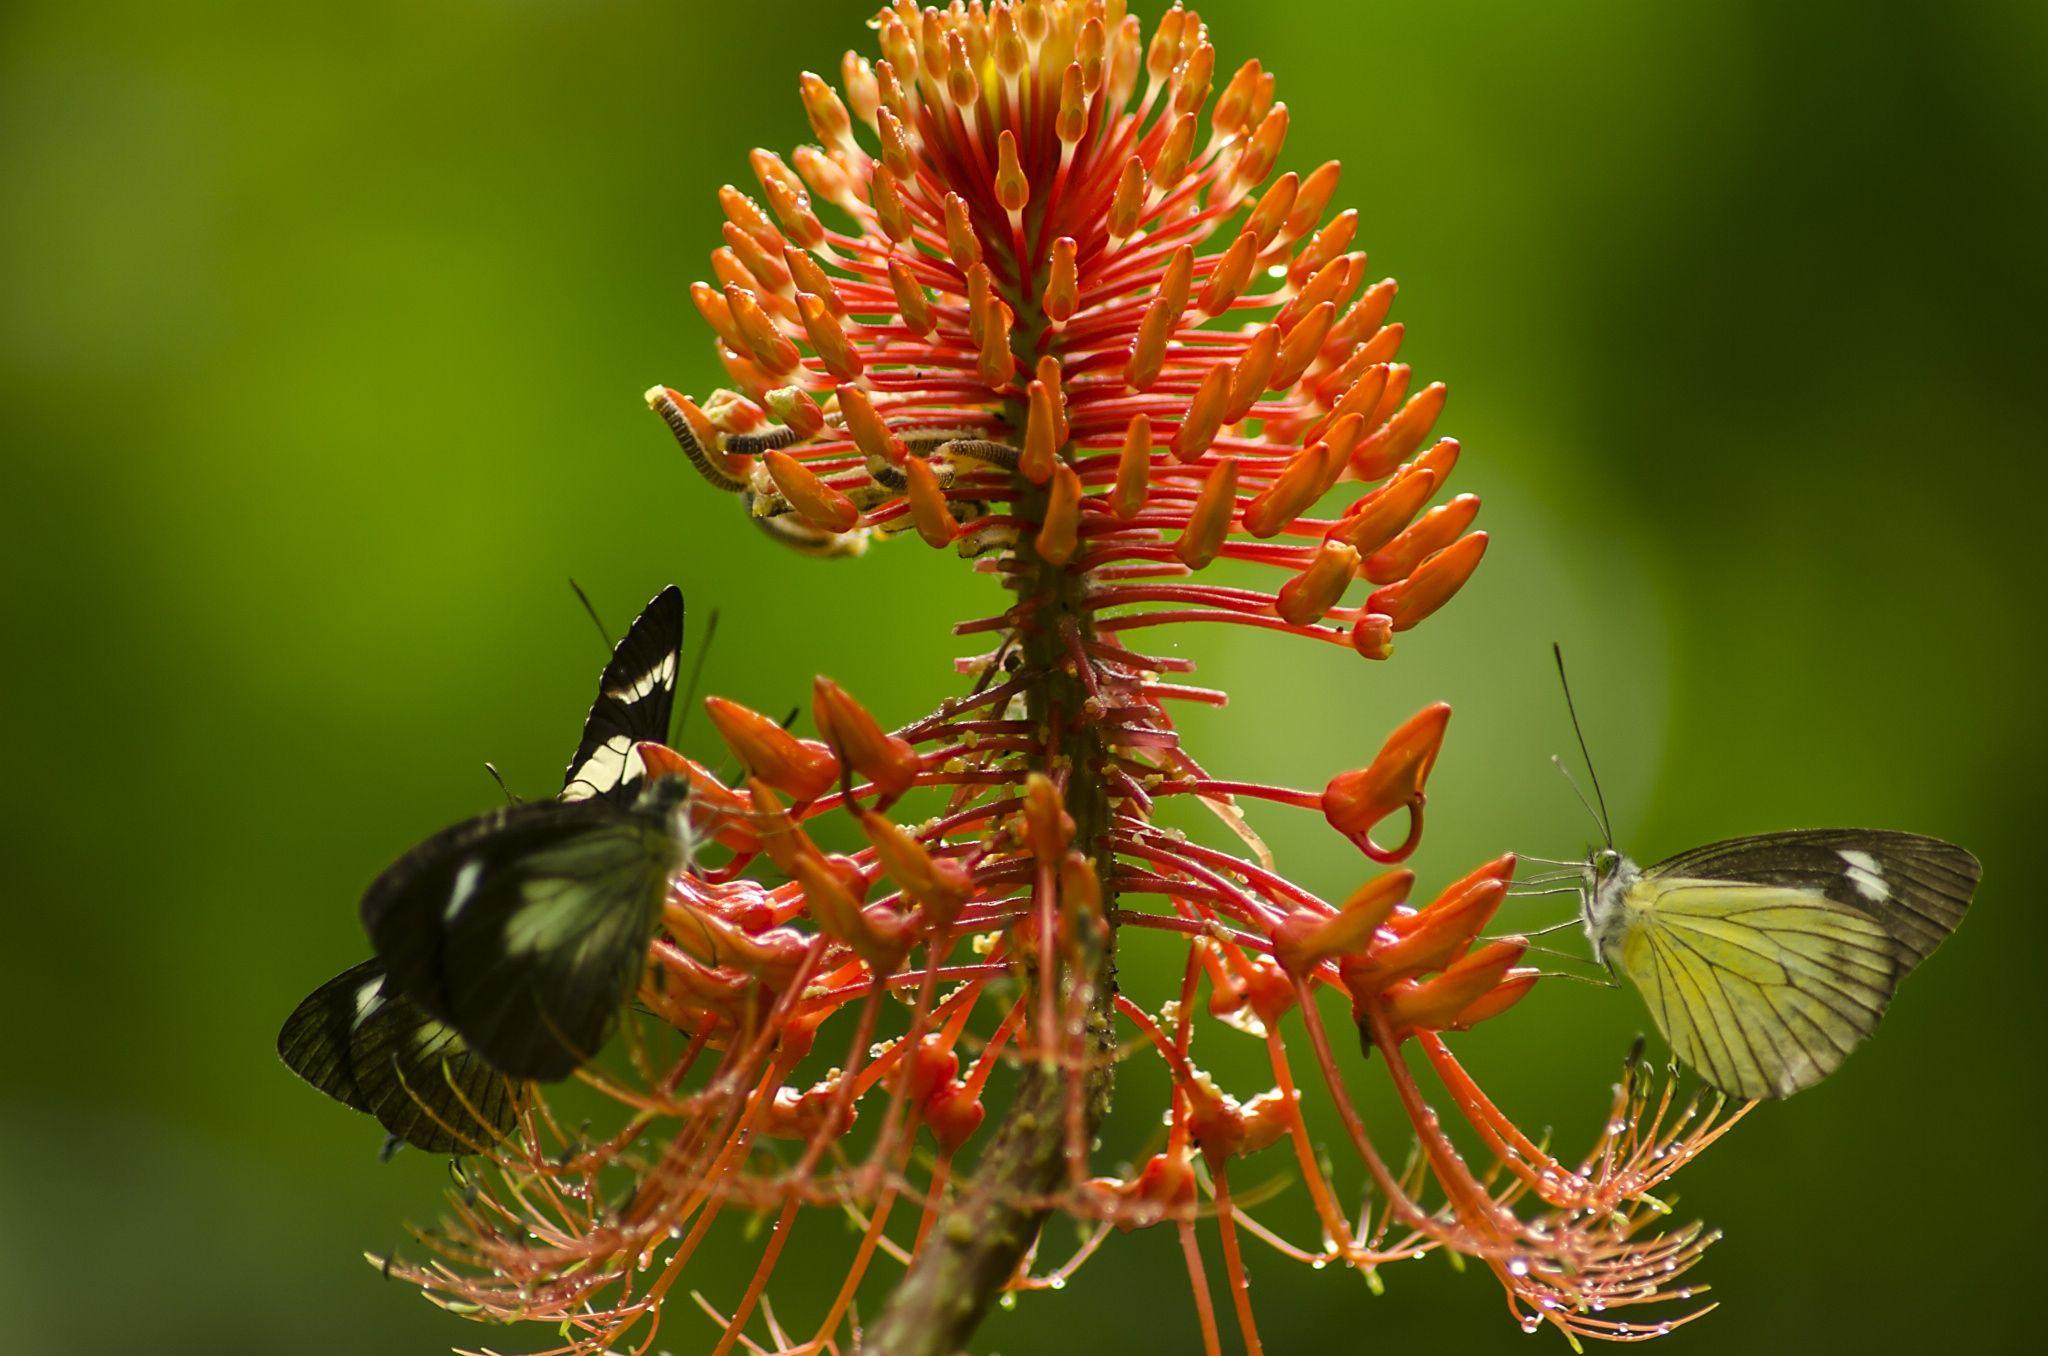 mariposas - mariposas tropicales, bosque nublado La Esperanza